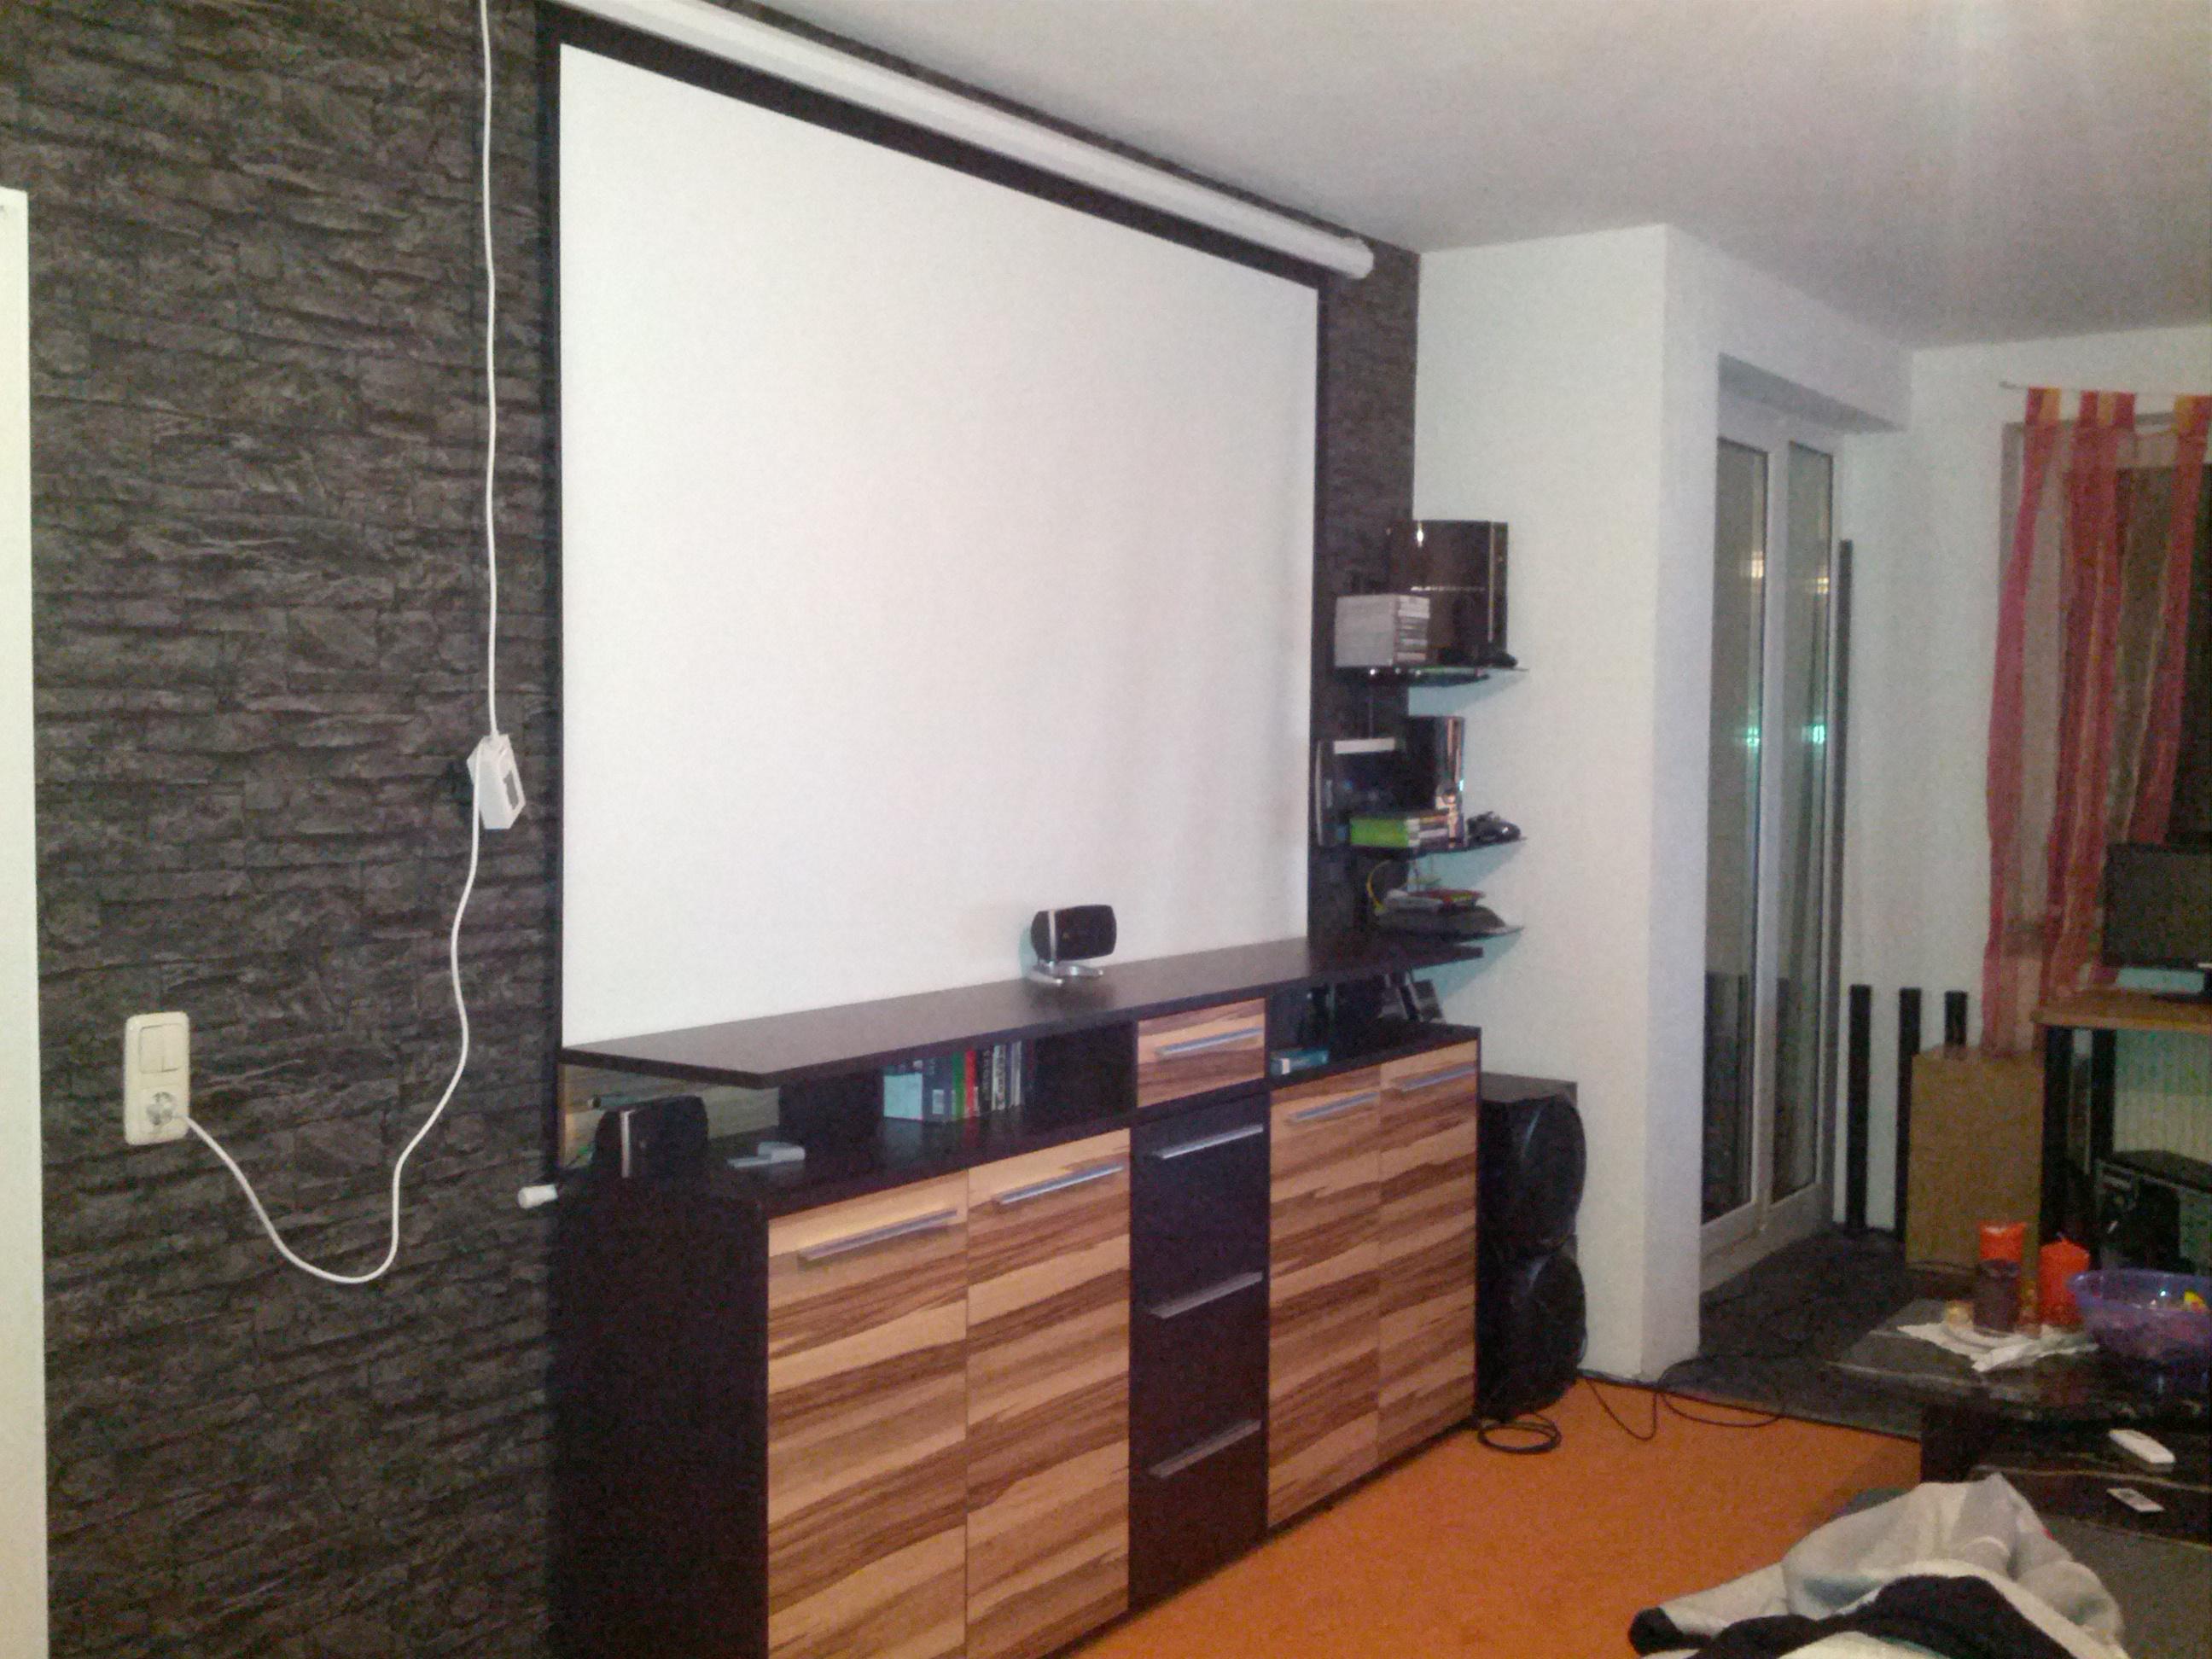 langzeit tagebuch wieder aktiv eine wohnung nach ma nexons vollausstattung seite 6. Black Bedroom Furniture Sets. Home Design Ideas